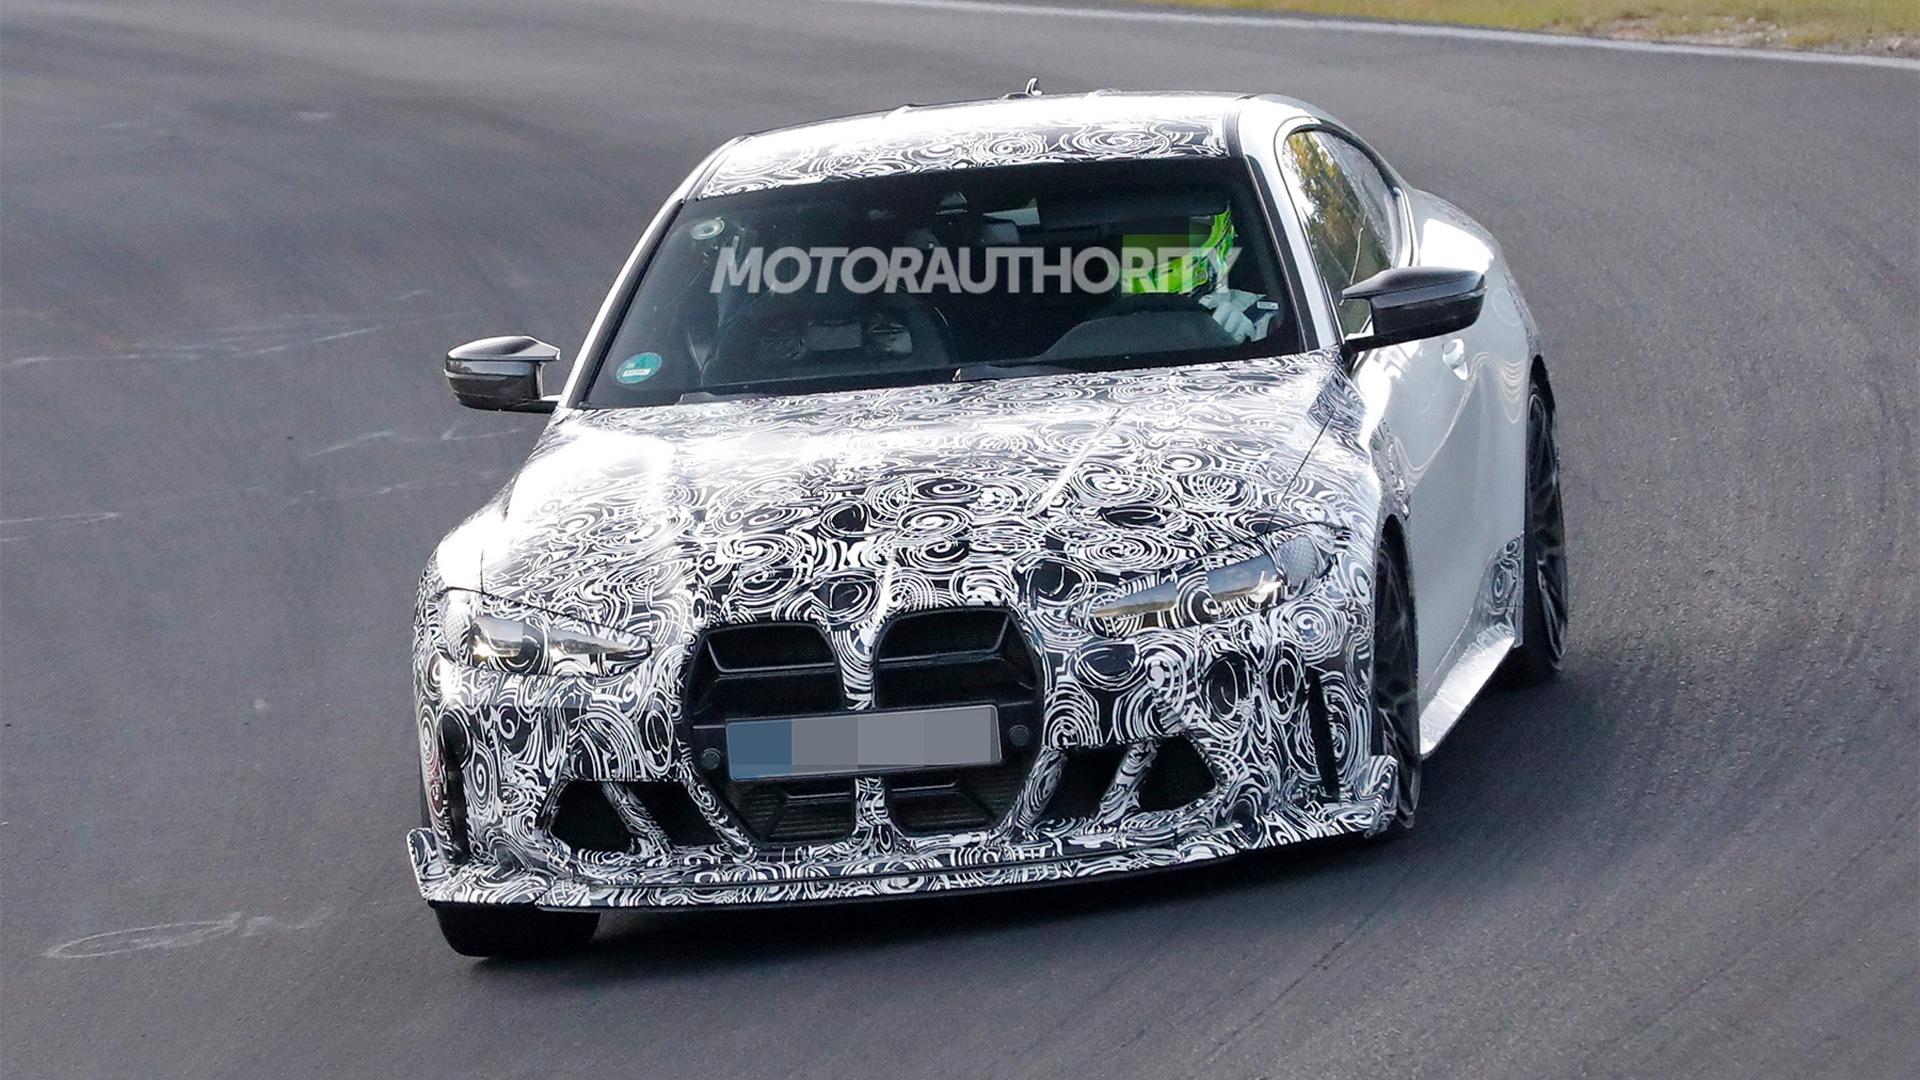 2023 BMW M4 CSL spy shots - Photo credit: S. Baldauf/SB-Medien